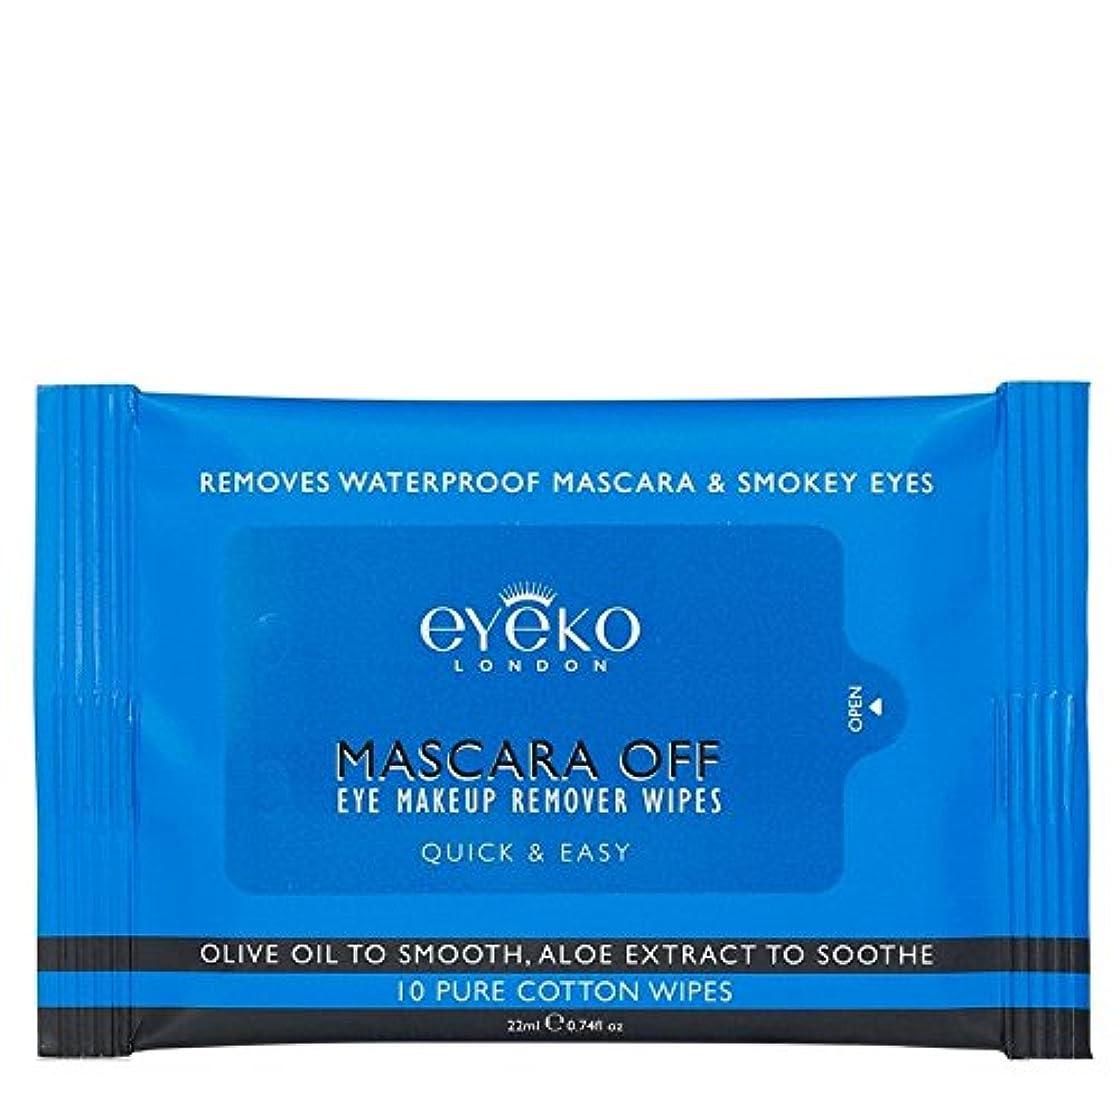 以降冒険者魅力的であることへのアピールマスカラオフパックあたり10ワイプ x2 - Eyeko Mascara off Wipes 10 per pack (Pack of 2) [並行輸入品]